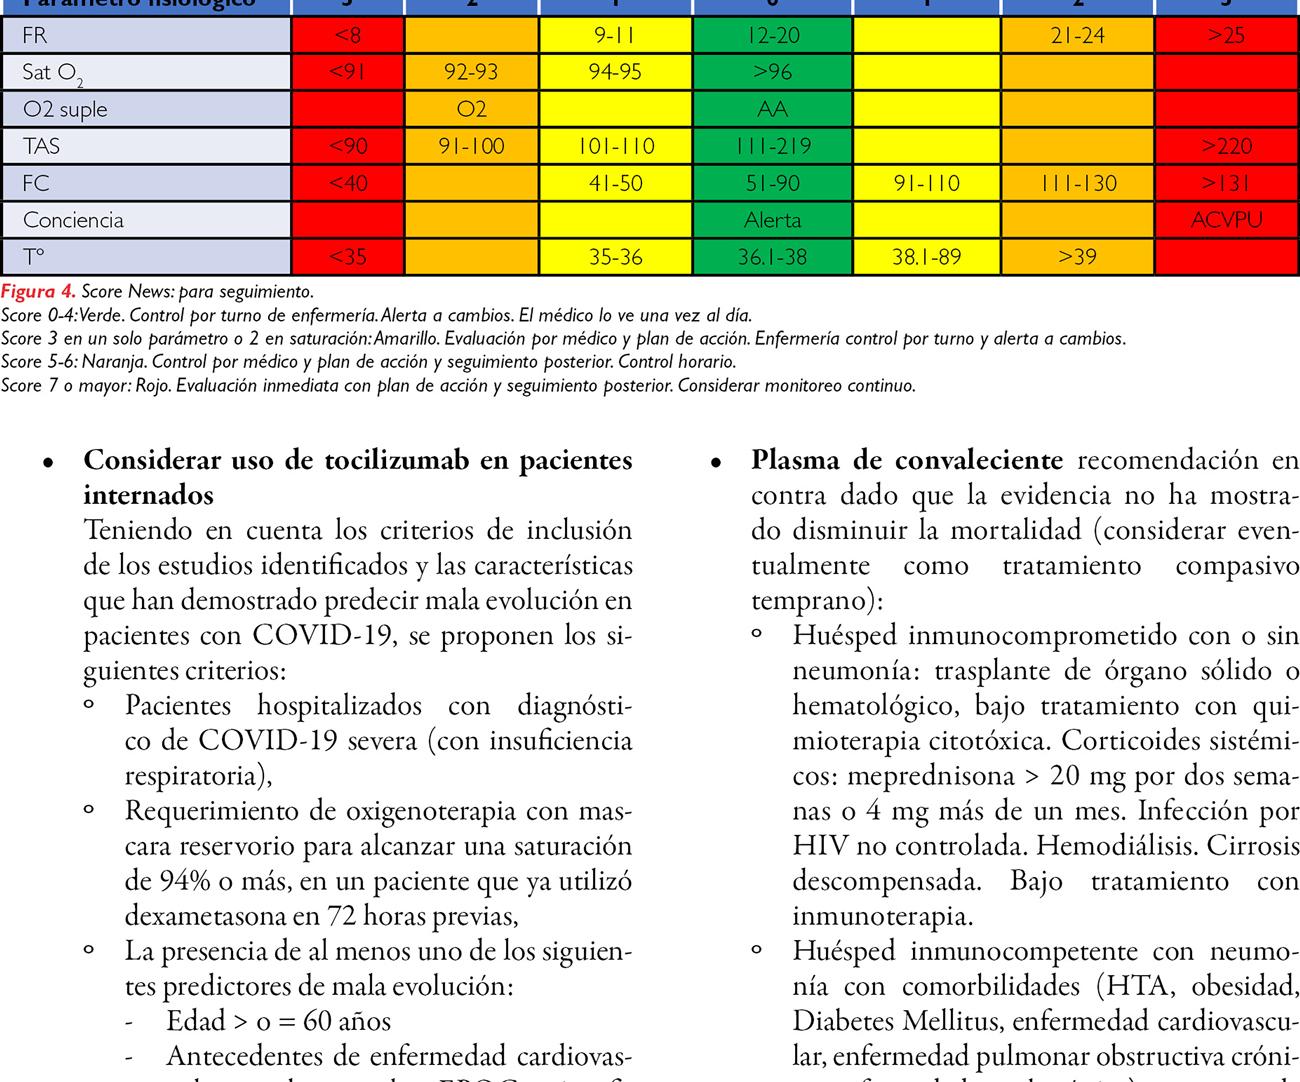 Guía de manejo de pacientes sintomáticos COVID positivos